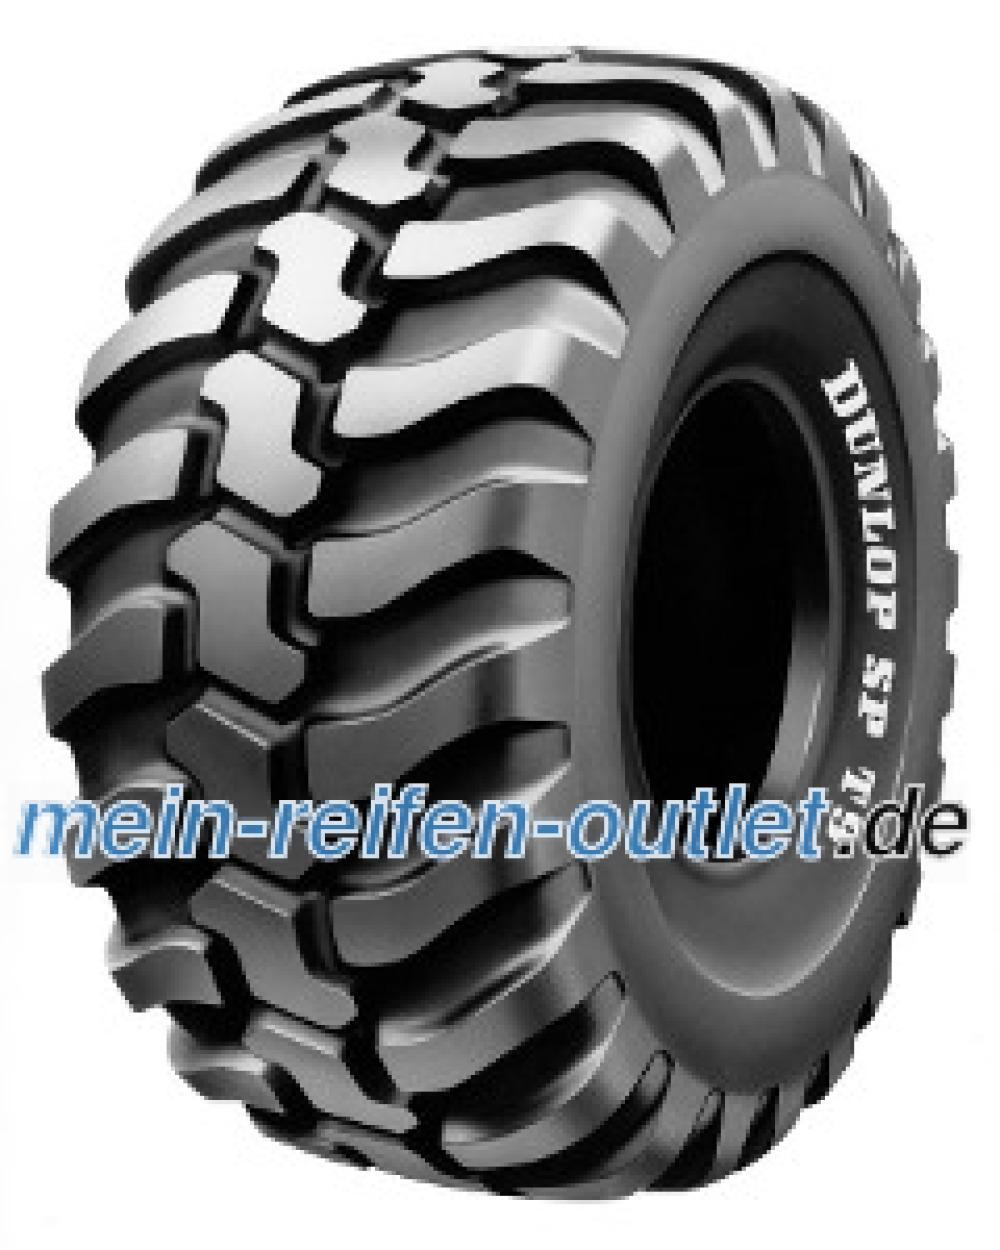 Dunlop SP T9 ( 405/70 R18 153A2 TL Doppelkennung 141B )